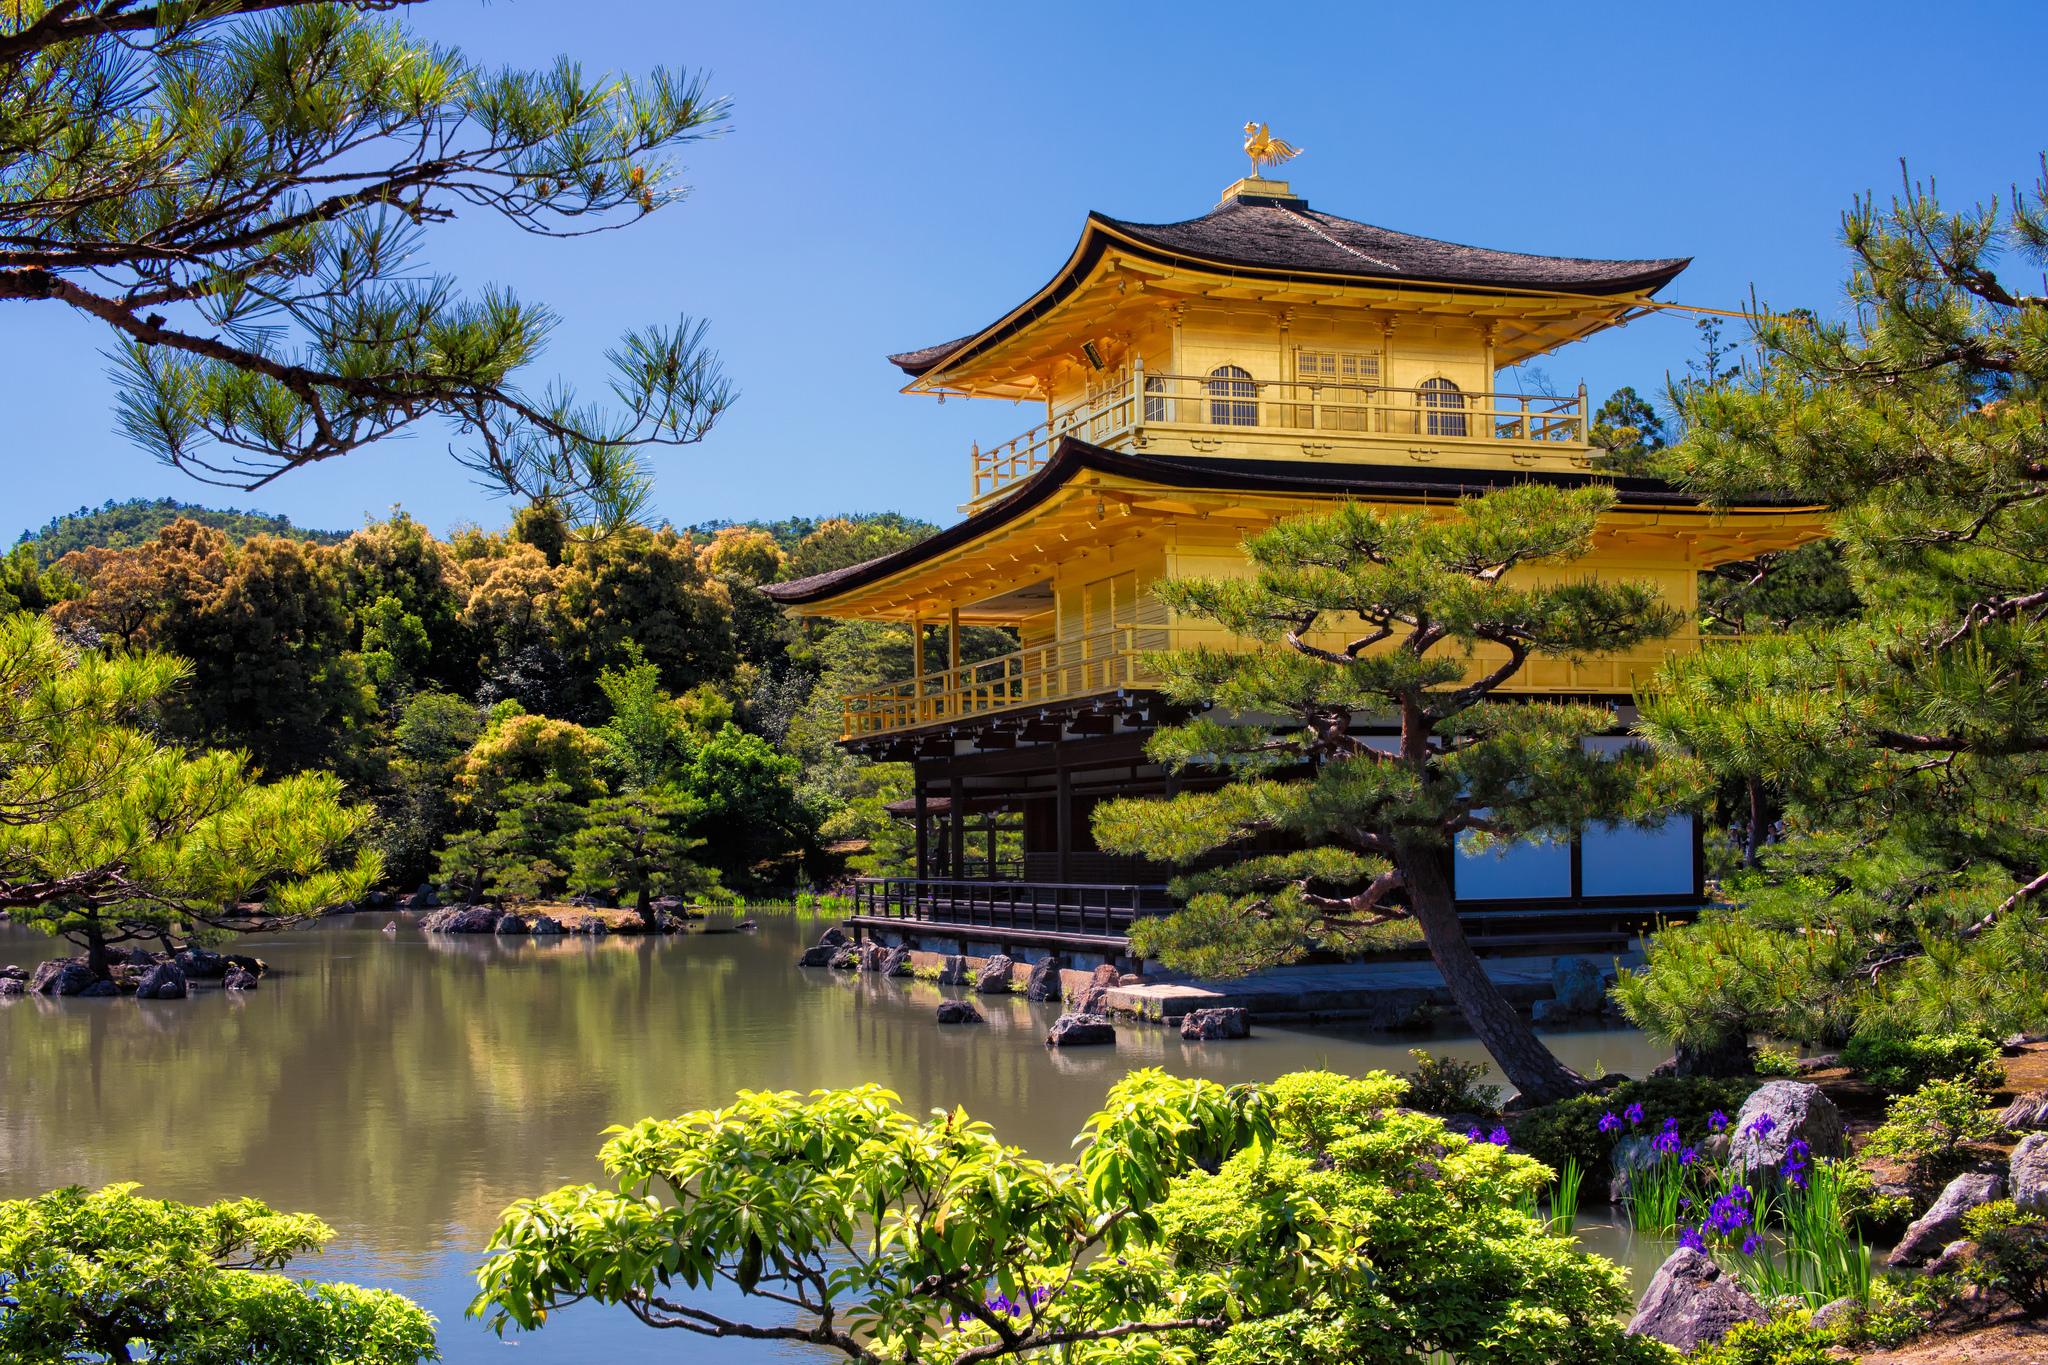 Kinkakuji (Golden Pavilion), Kyoto, Japan  photo  by  Ray in Manila  via flickr.